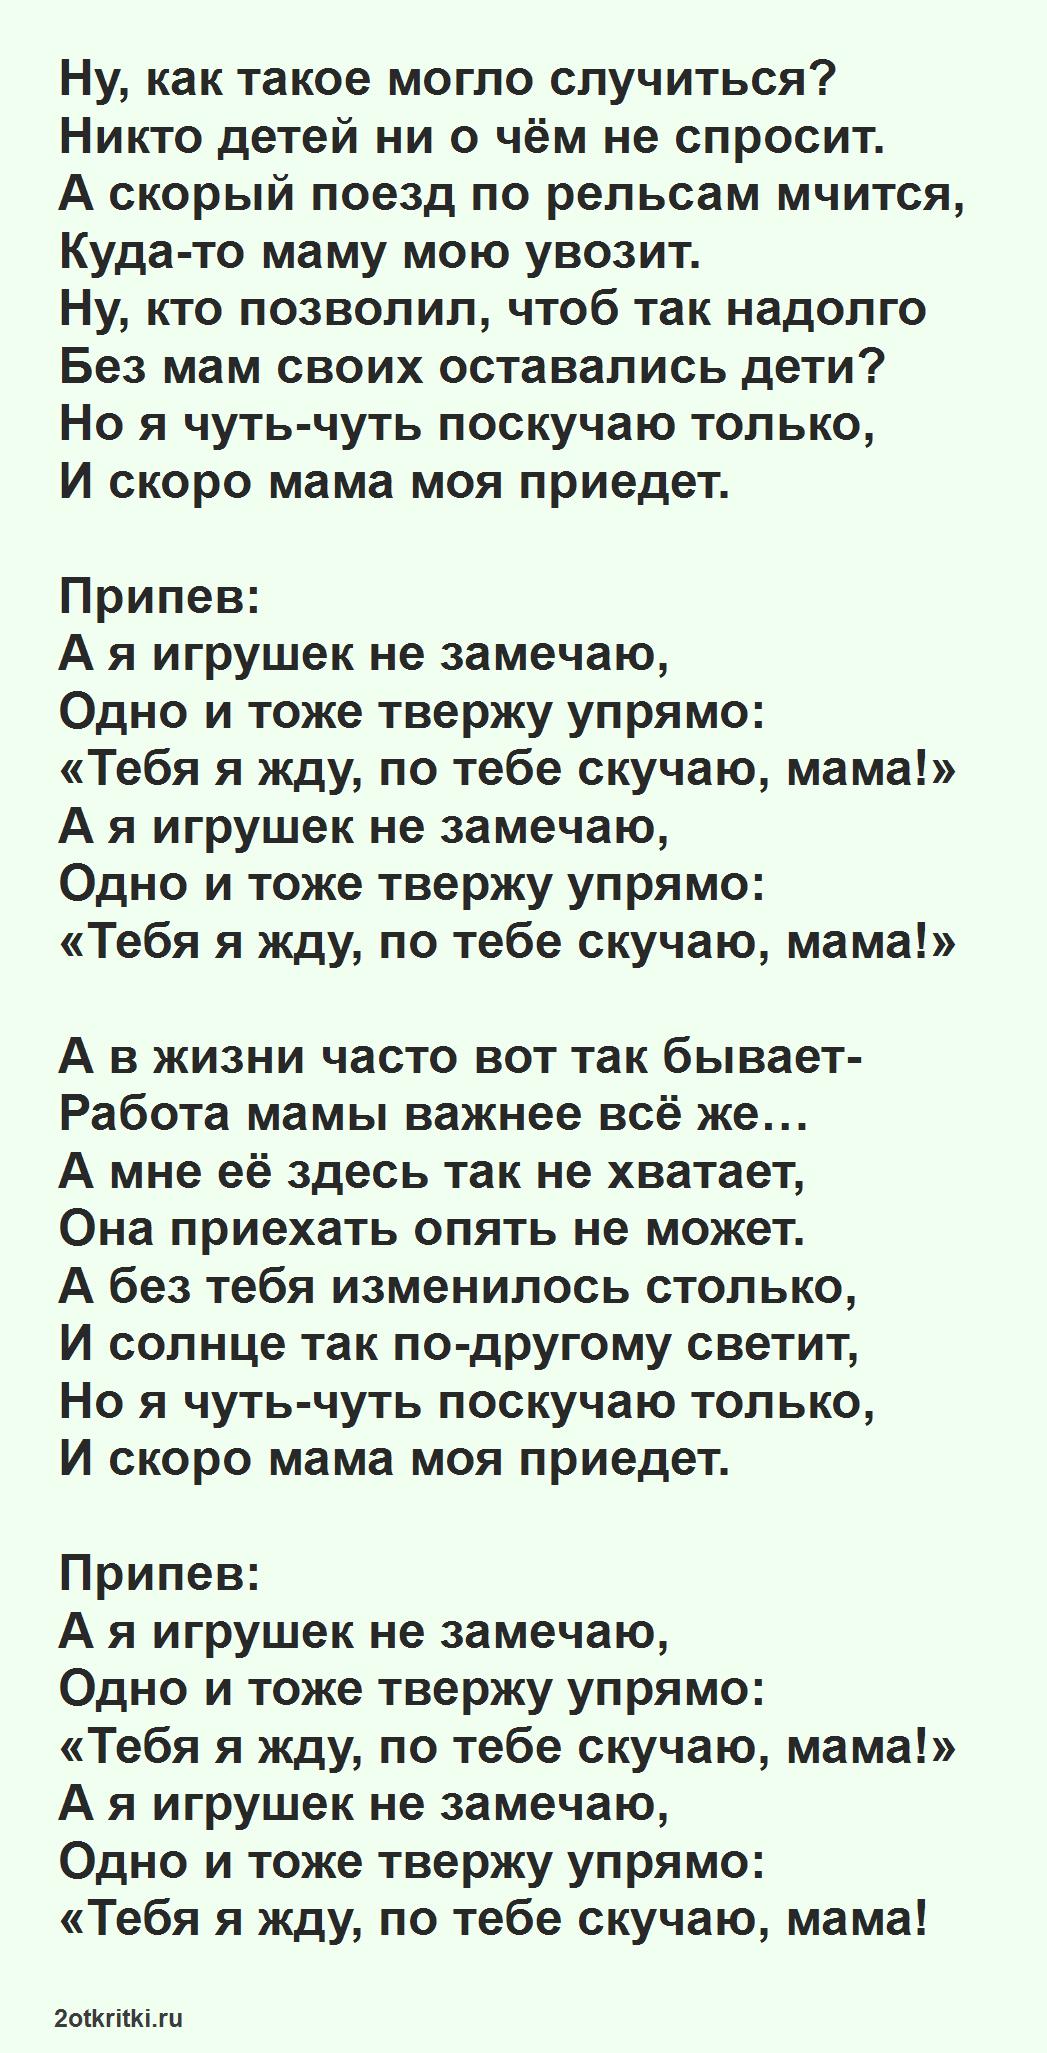 Песня для детей на 8 Марта - По тебе скучаю мама